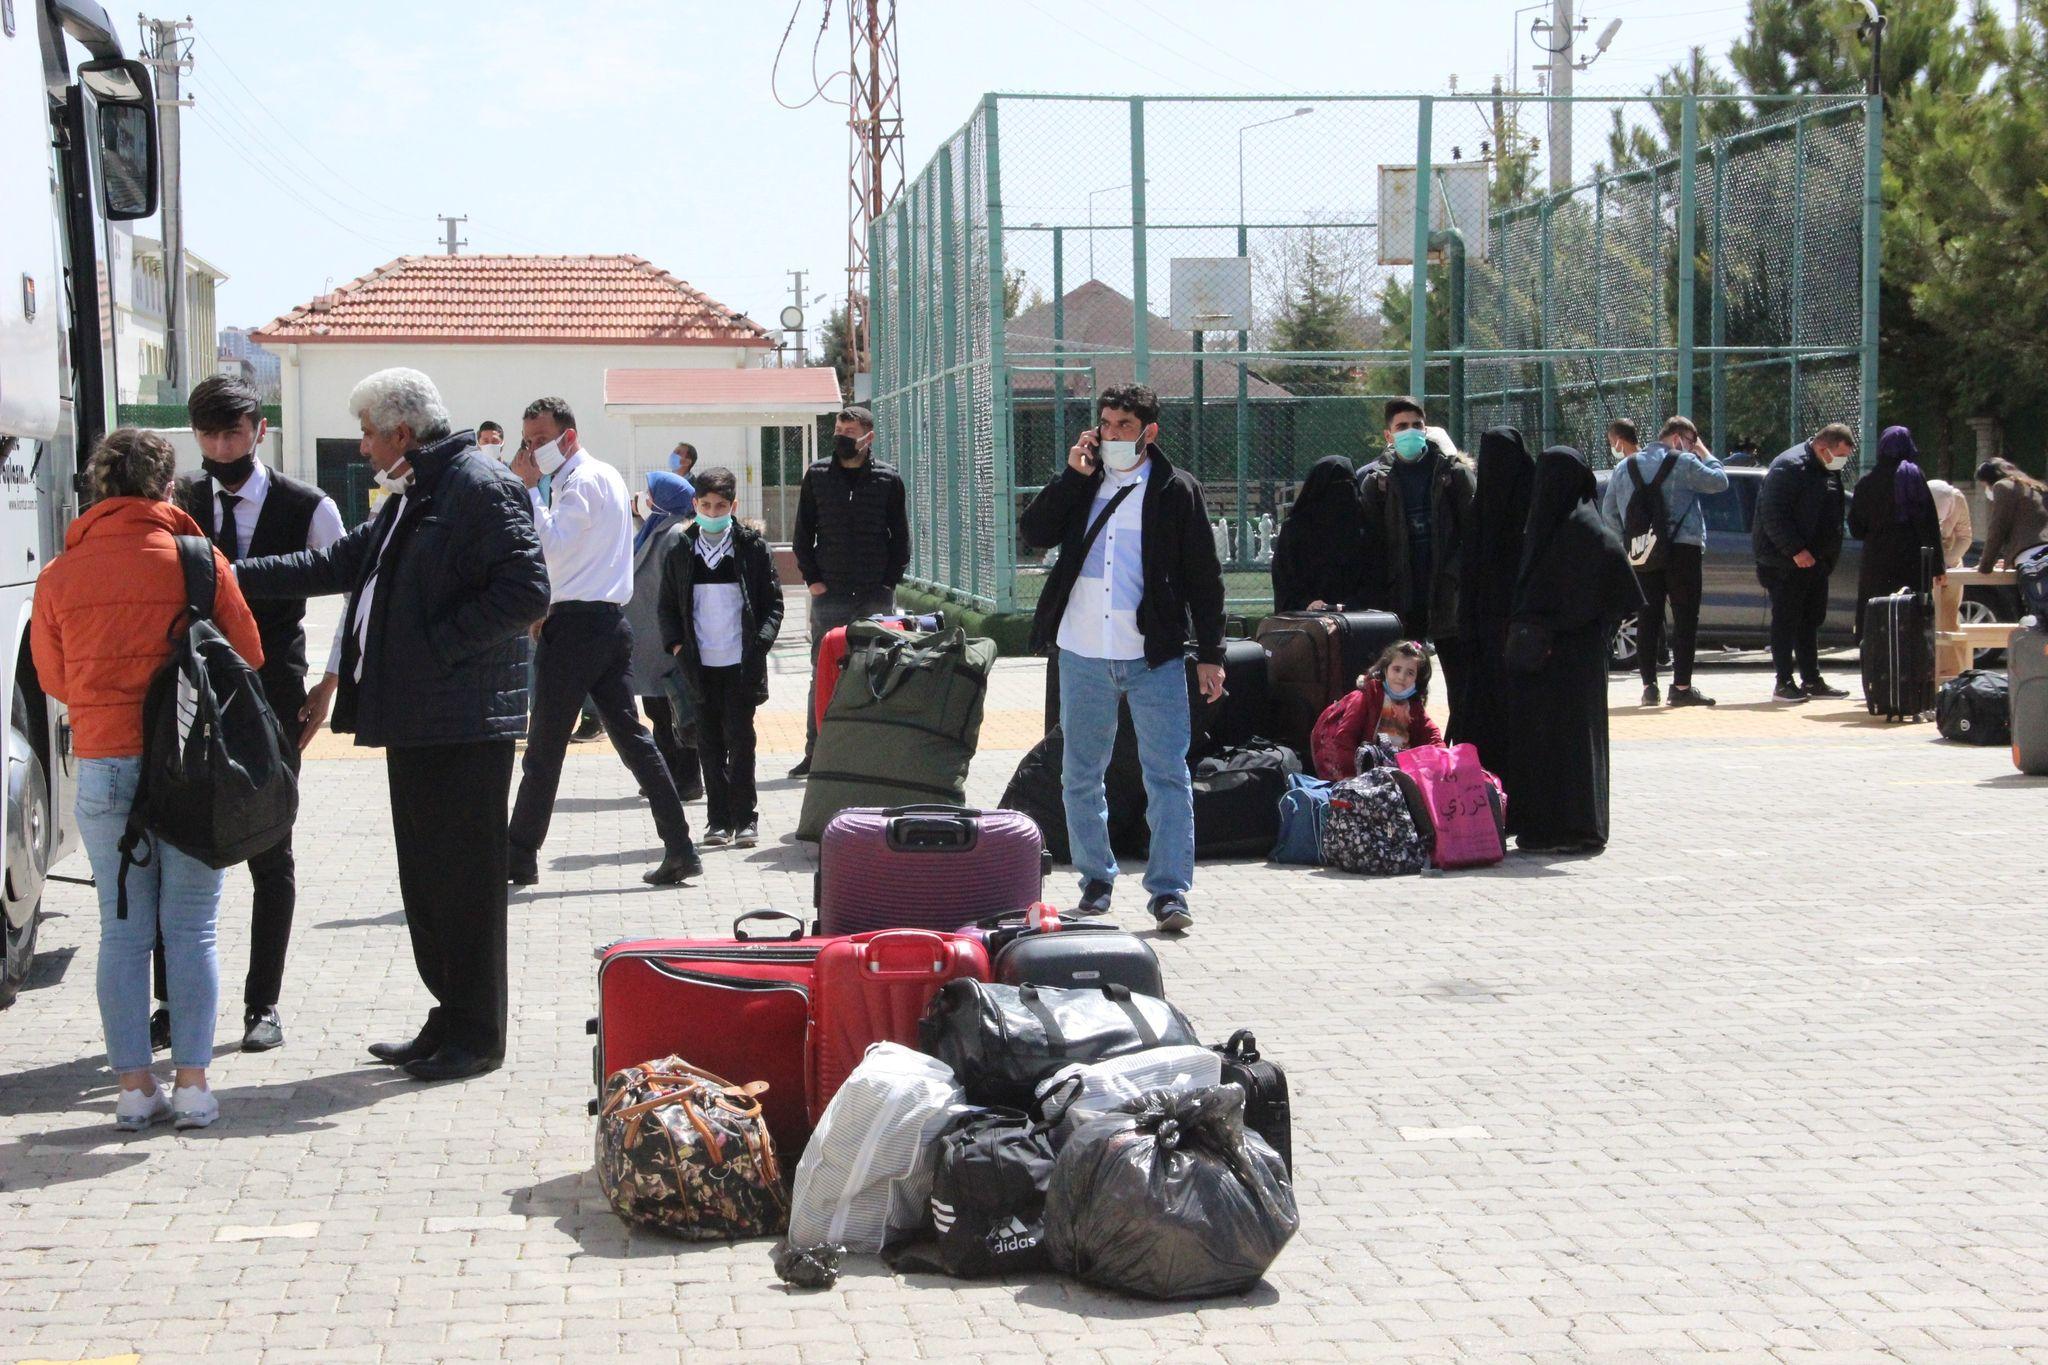 Testi pozitif yolcunun bulunduğu otobüsteki 47 kişi karantinaya alındı